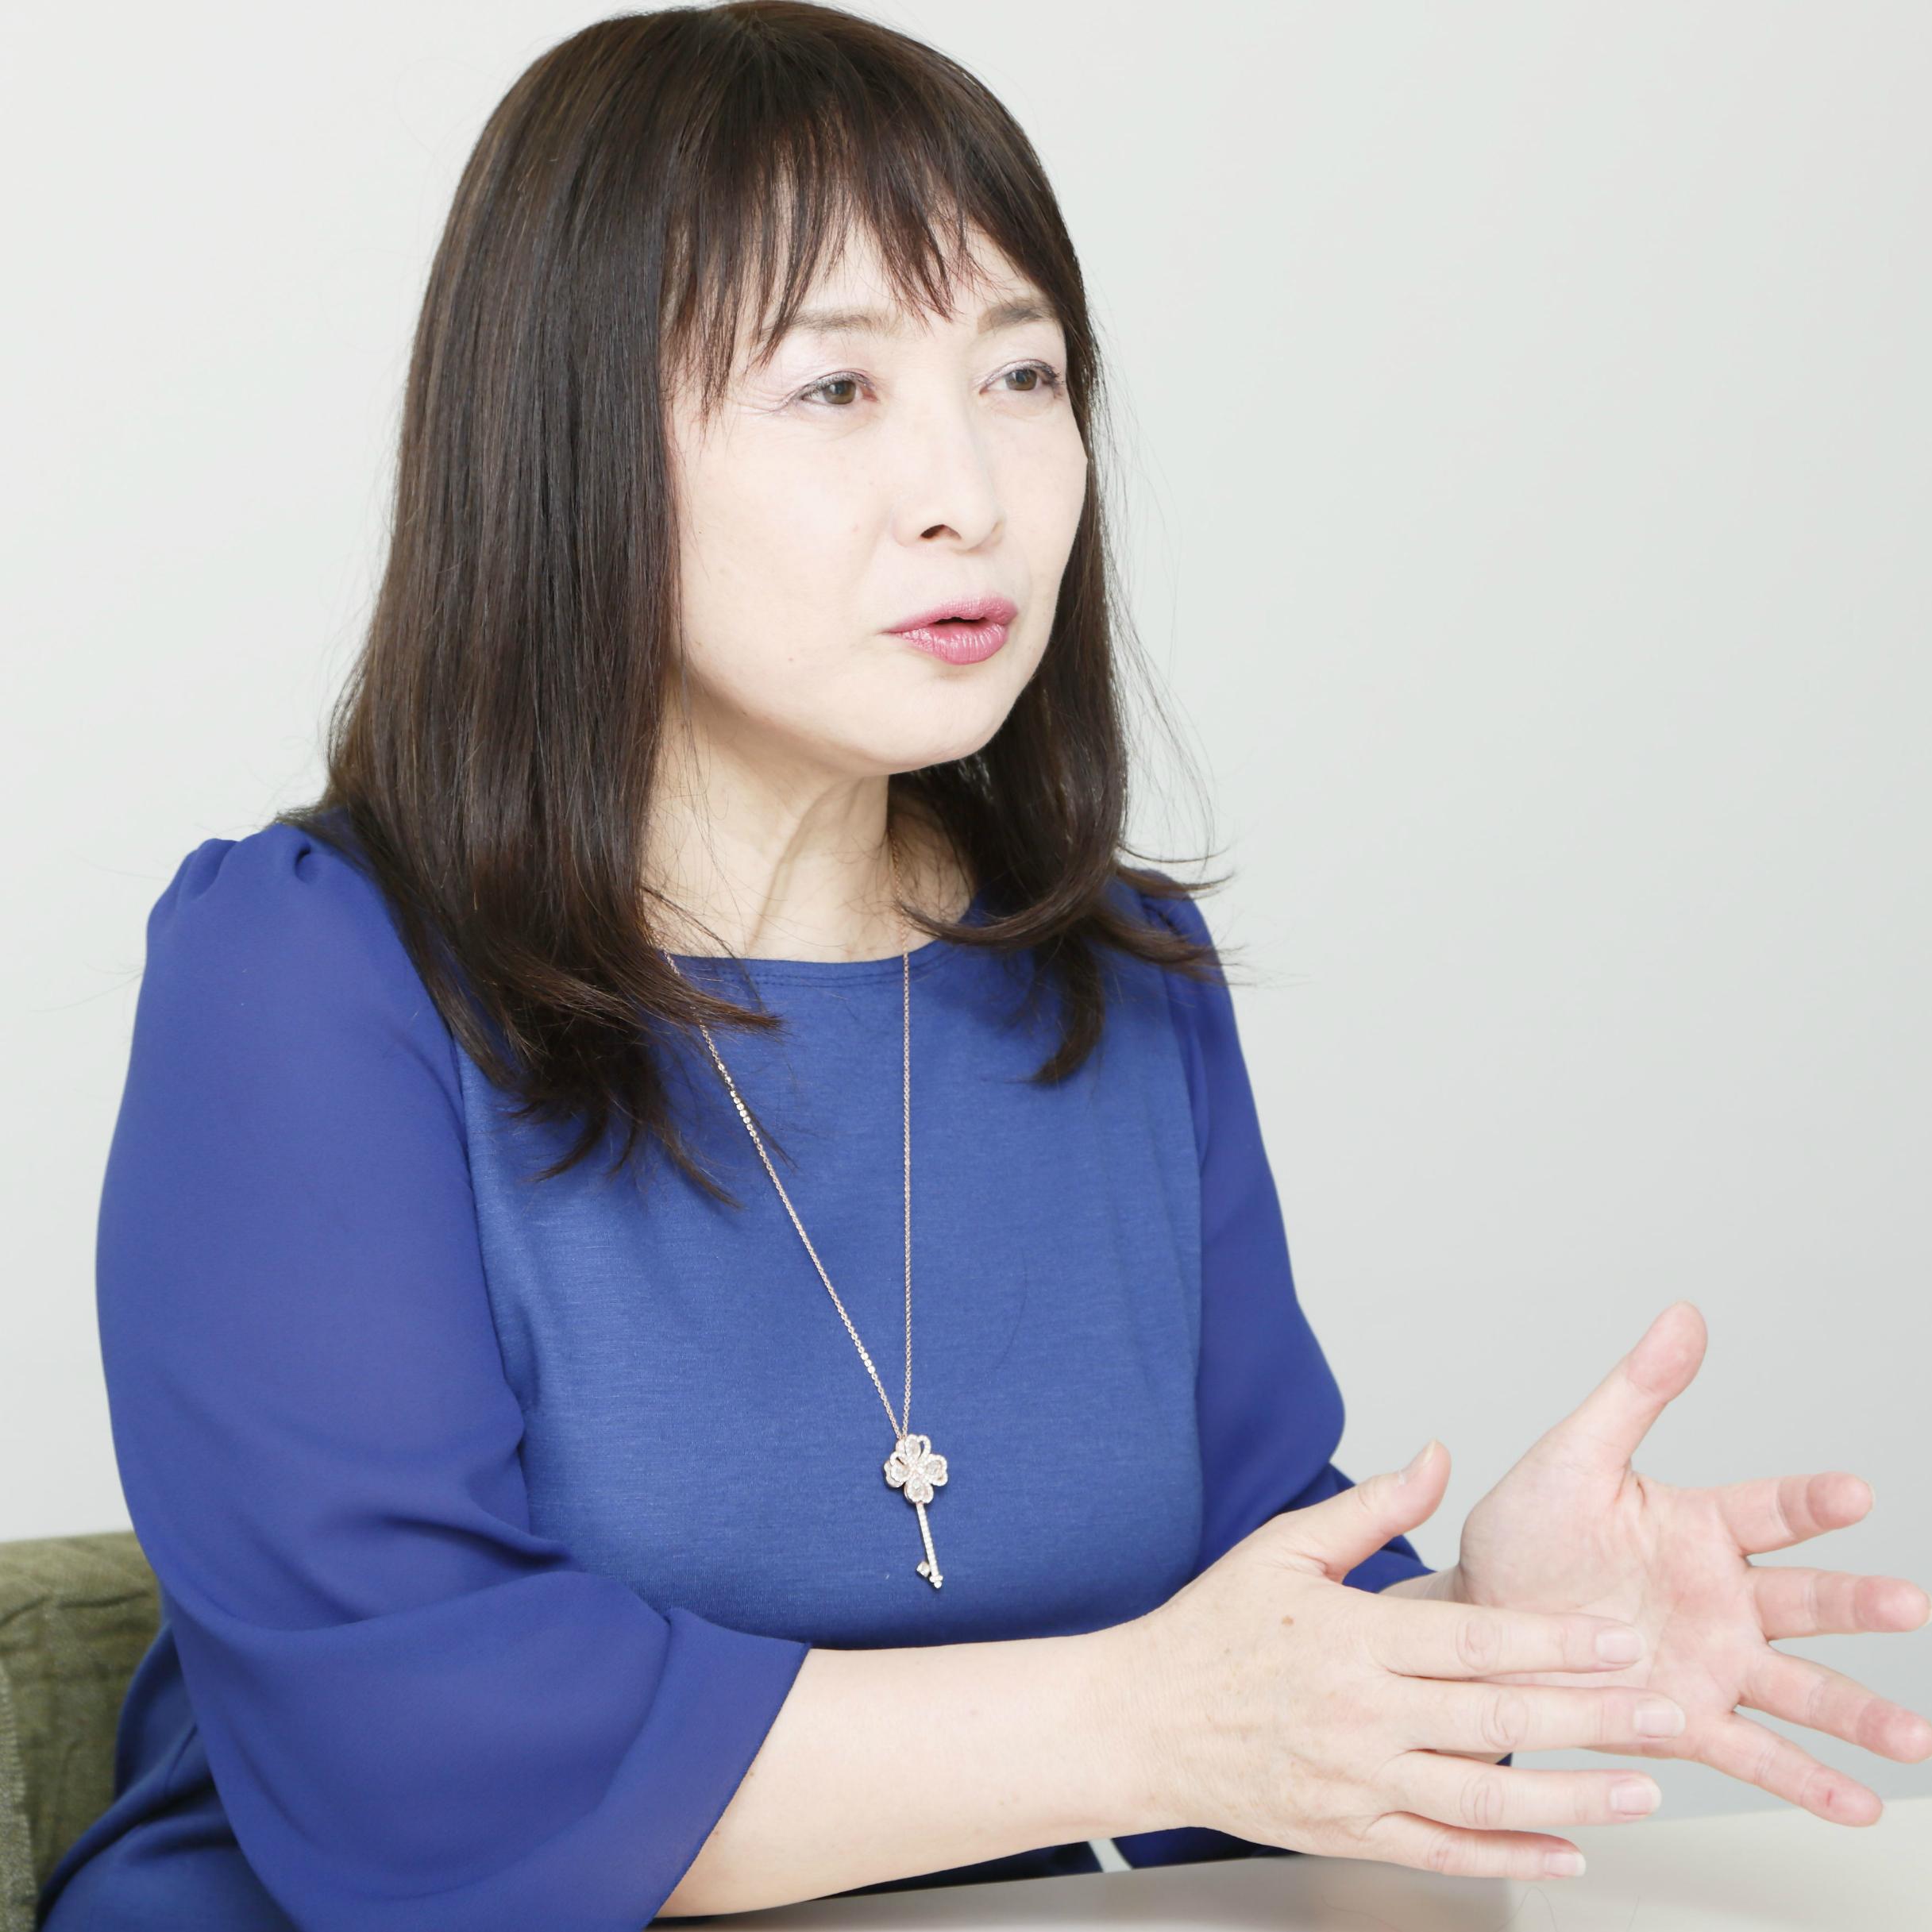 佐藤ママに学ぶ、「子どもファースト」の褒め方・叱り方